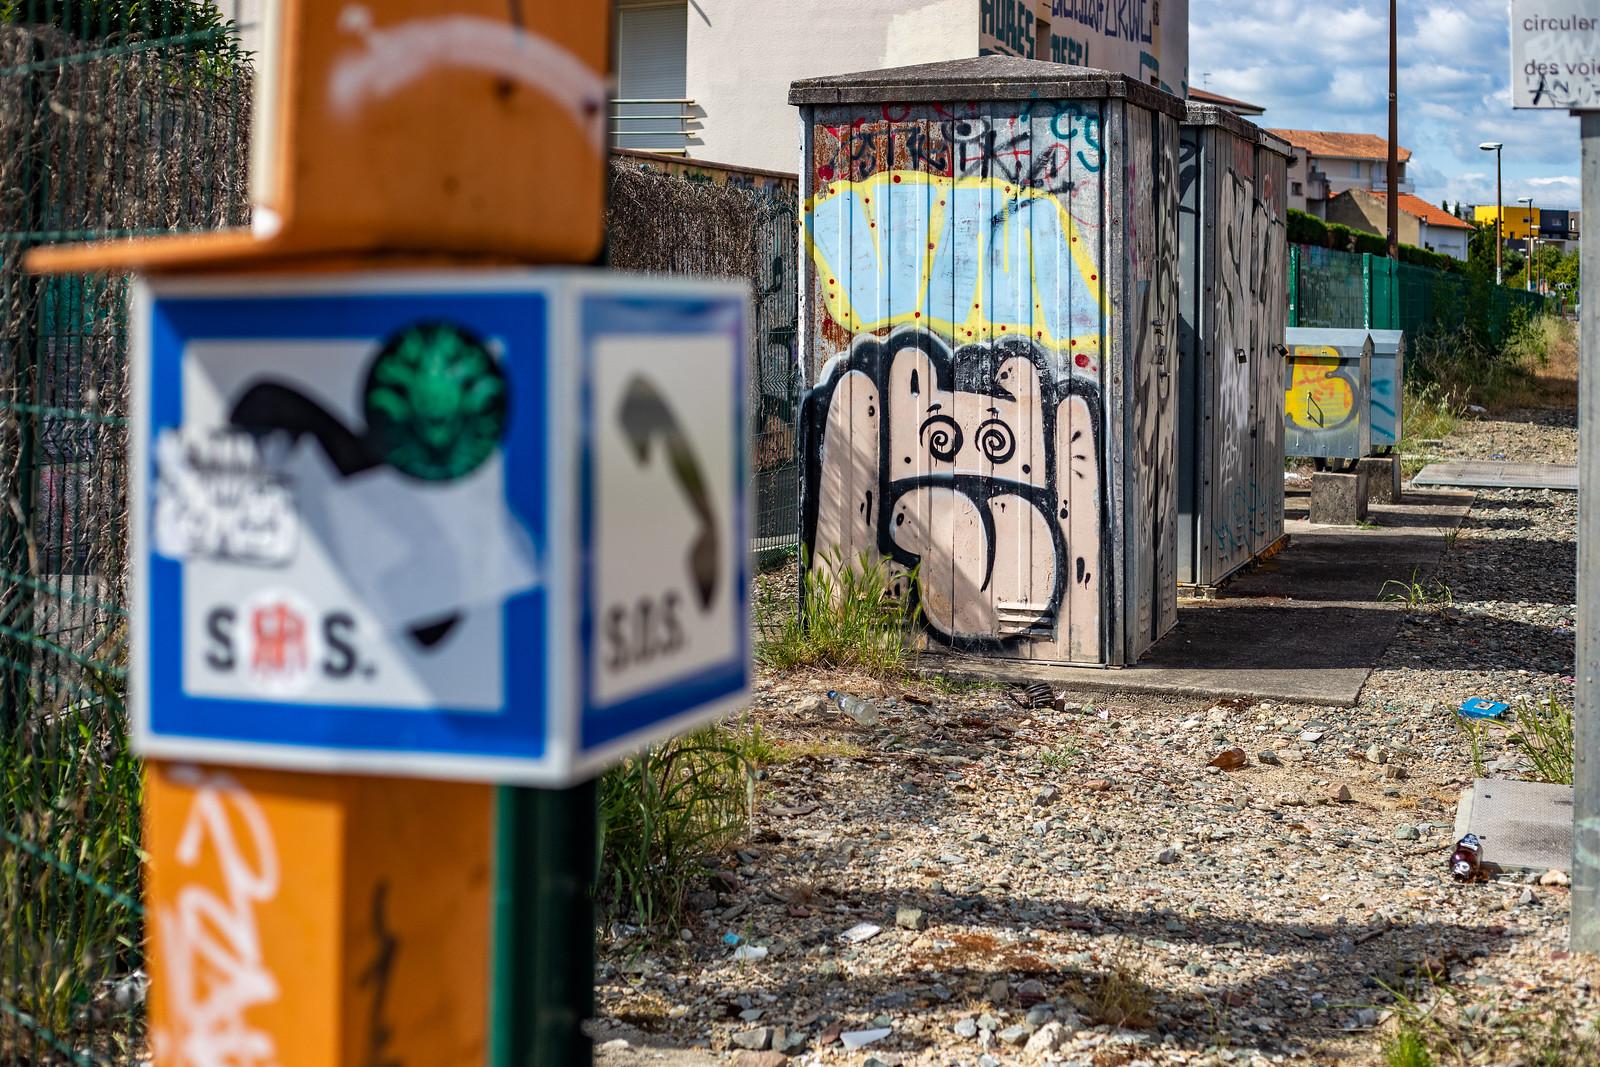 graffiti d'un personnage sur la voie ferrée à Toulouse en 2019